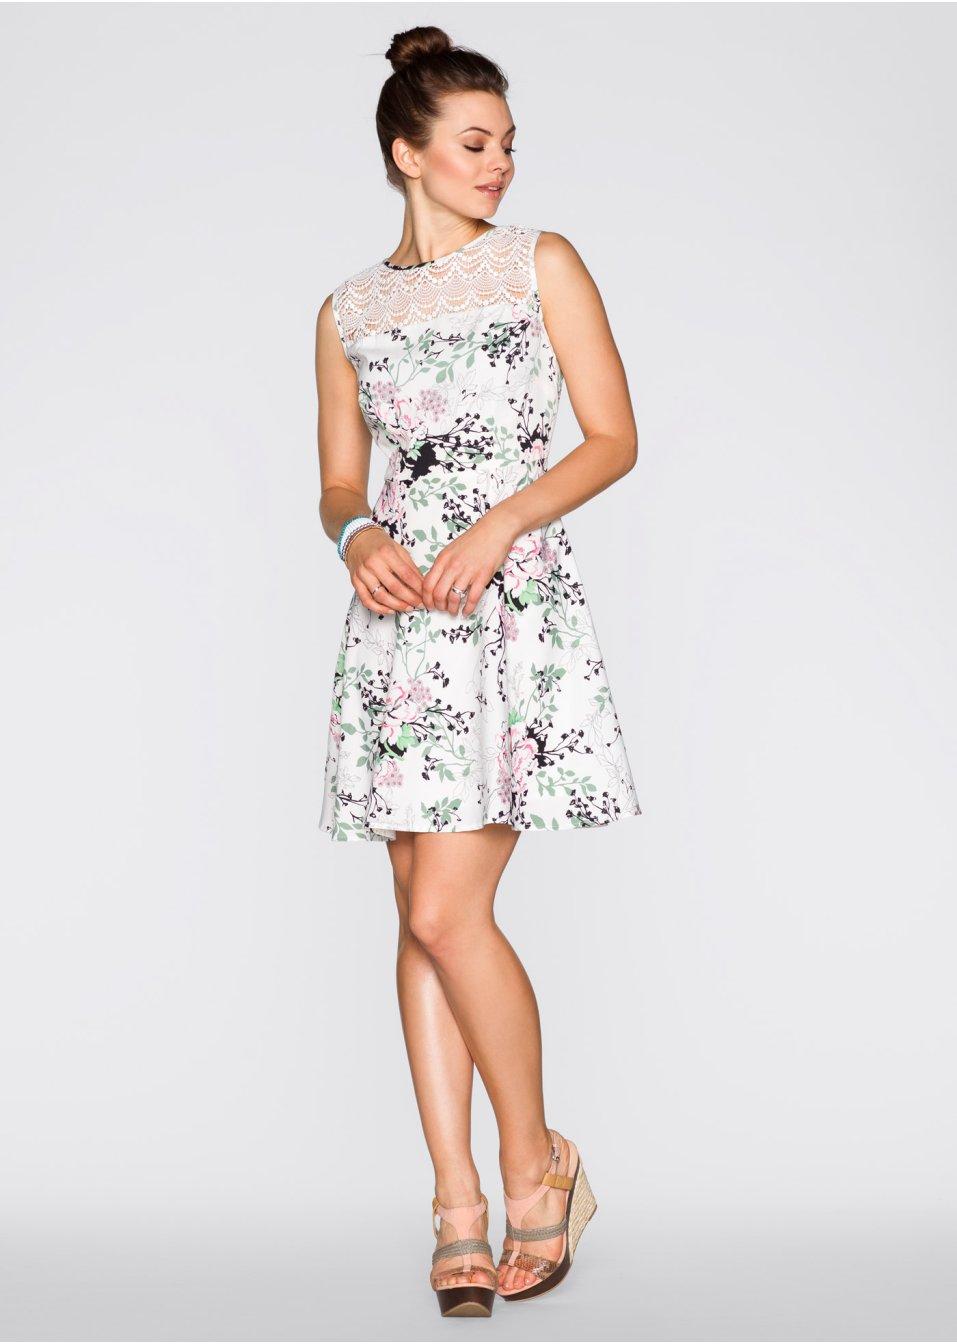 Schönes Kleid mit Spitze am Ausschnitt und ausgestelltem ...